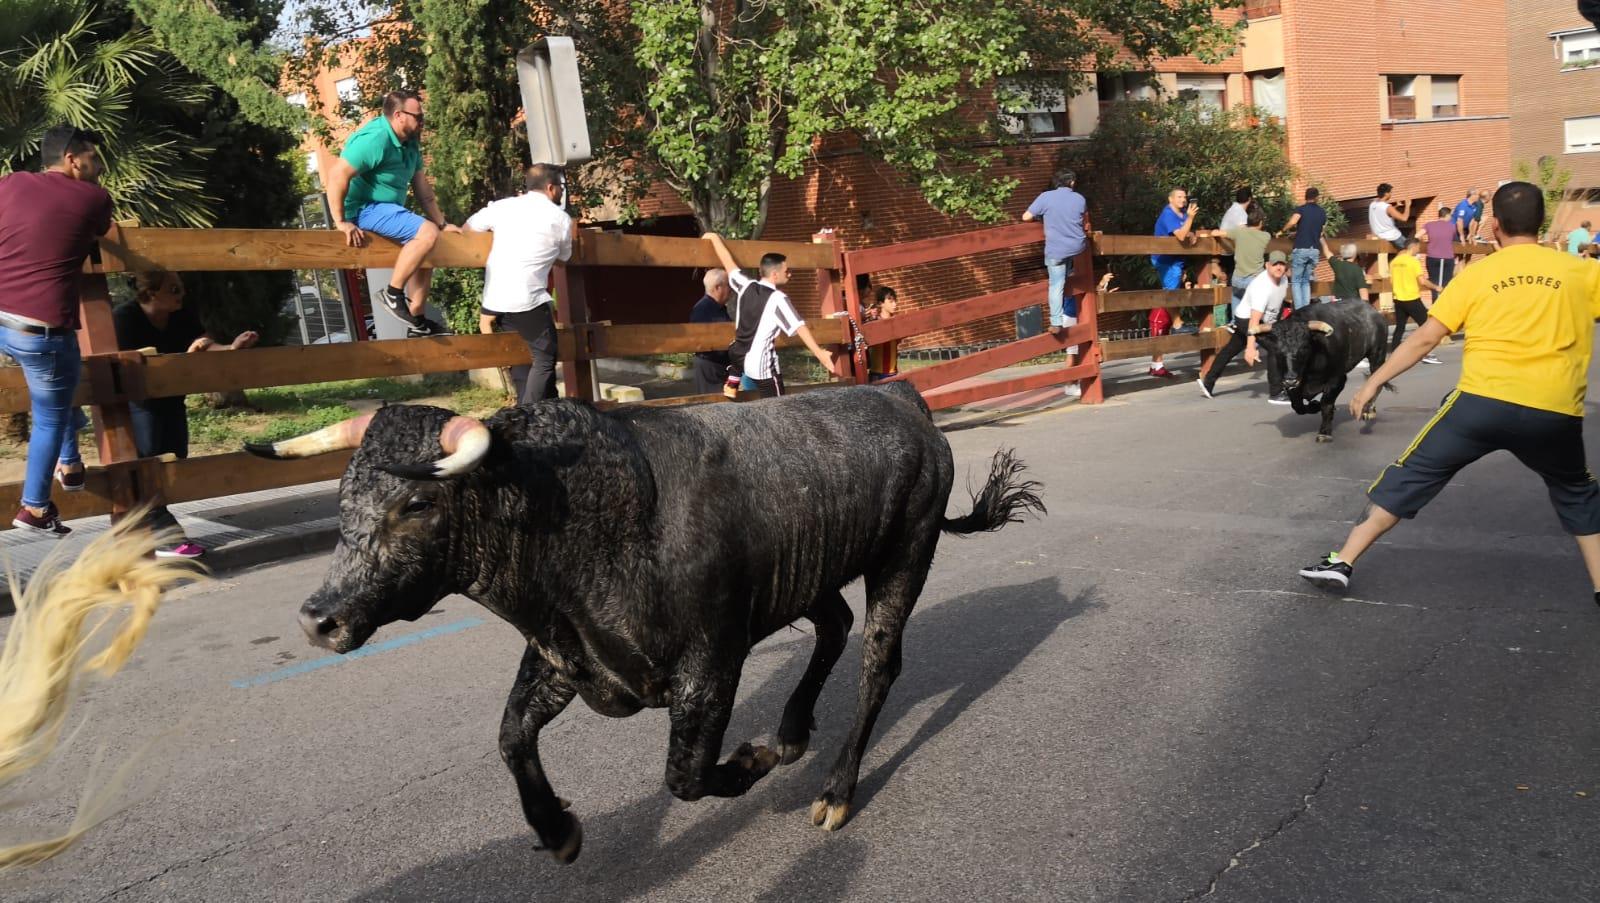 Opinión: Los Encierros de la Fiesta Mayor de Majadahonda 2018